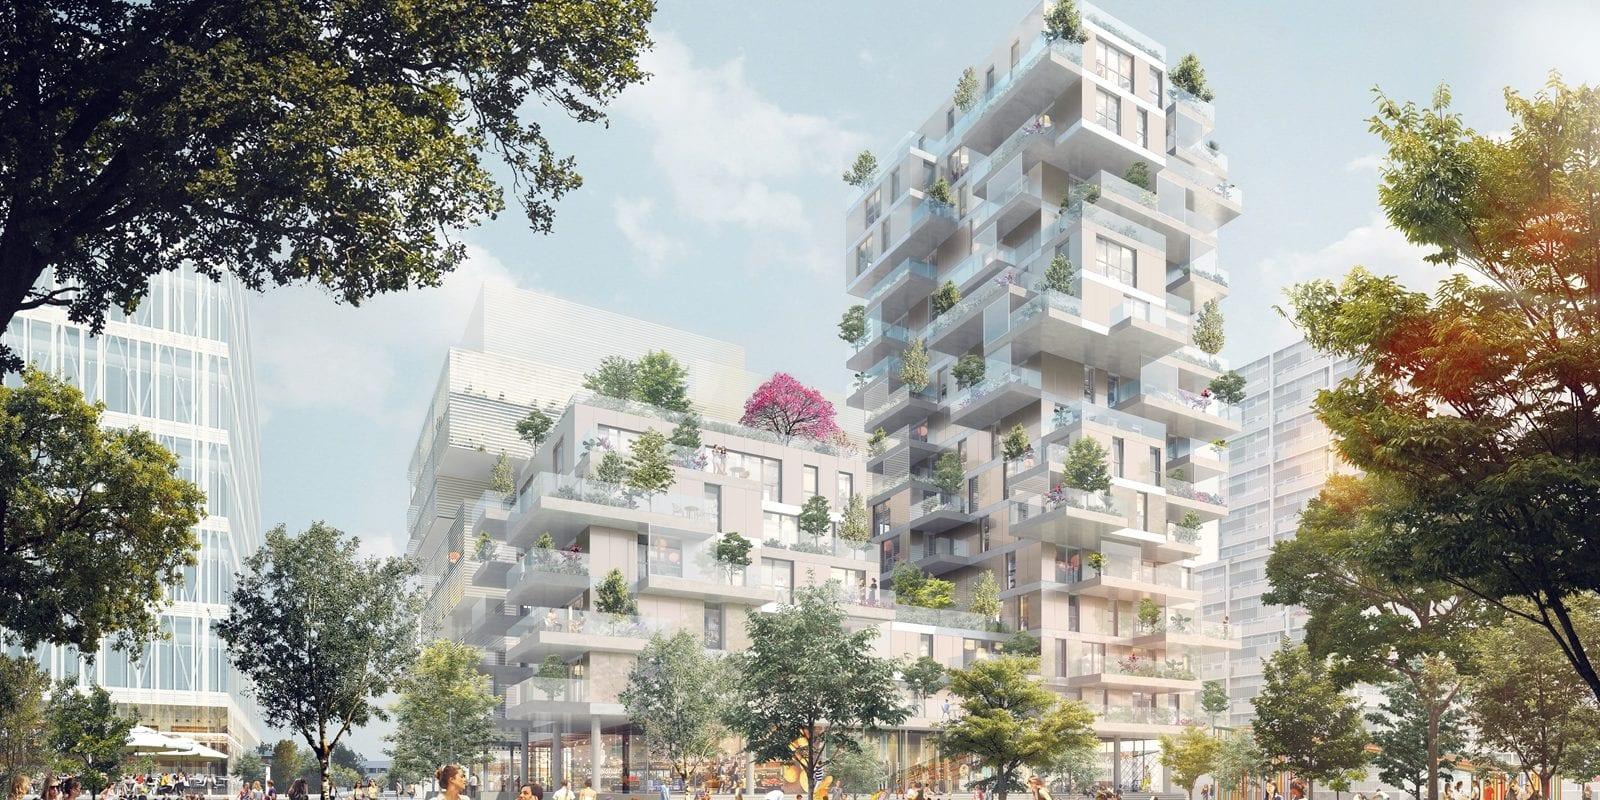 Wacken : les projets de la deuxième tranche du quartier d'affaires dévoilés